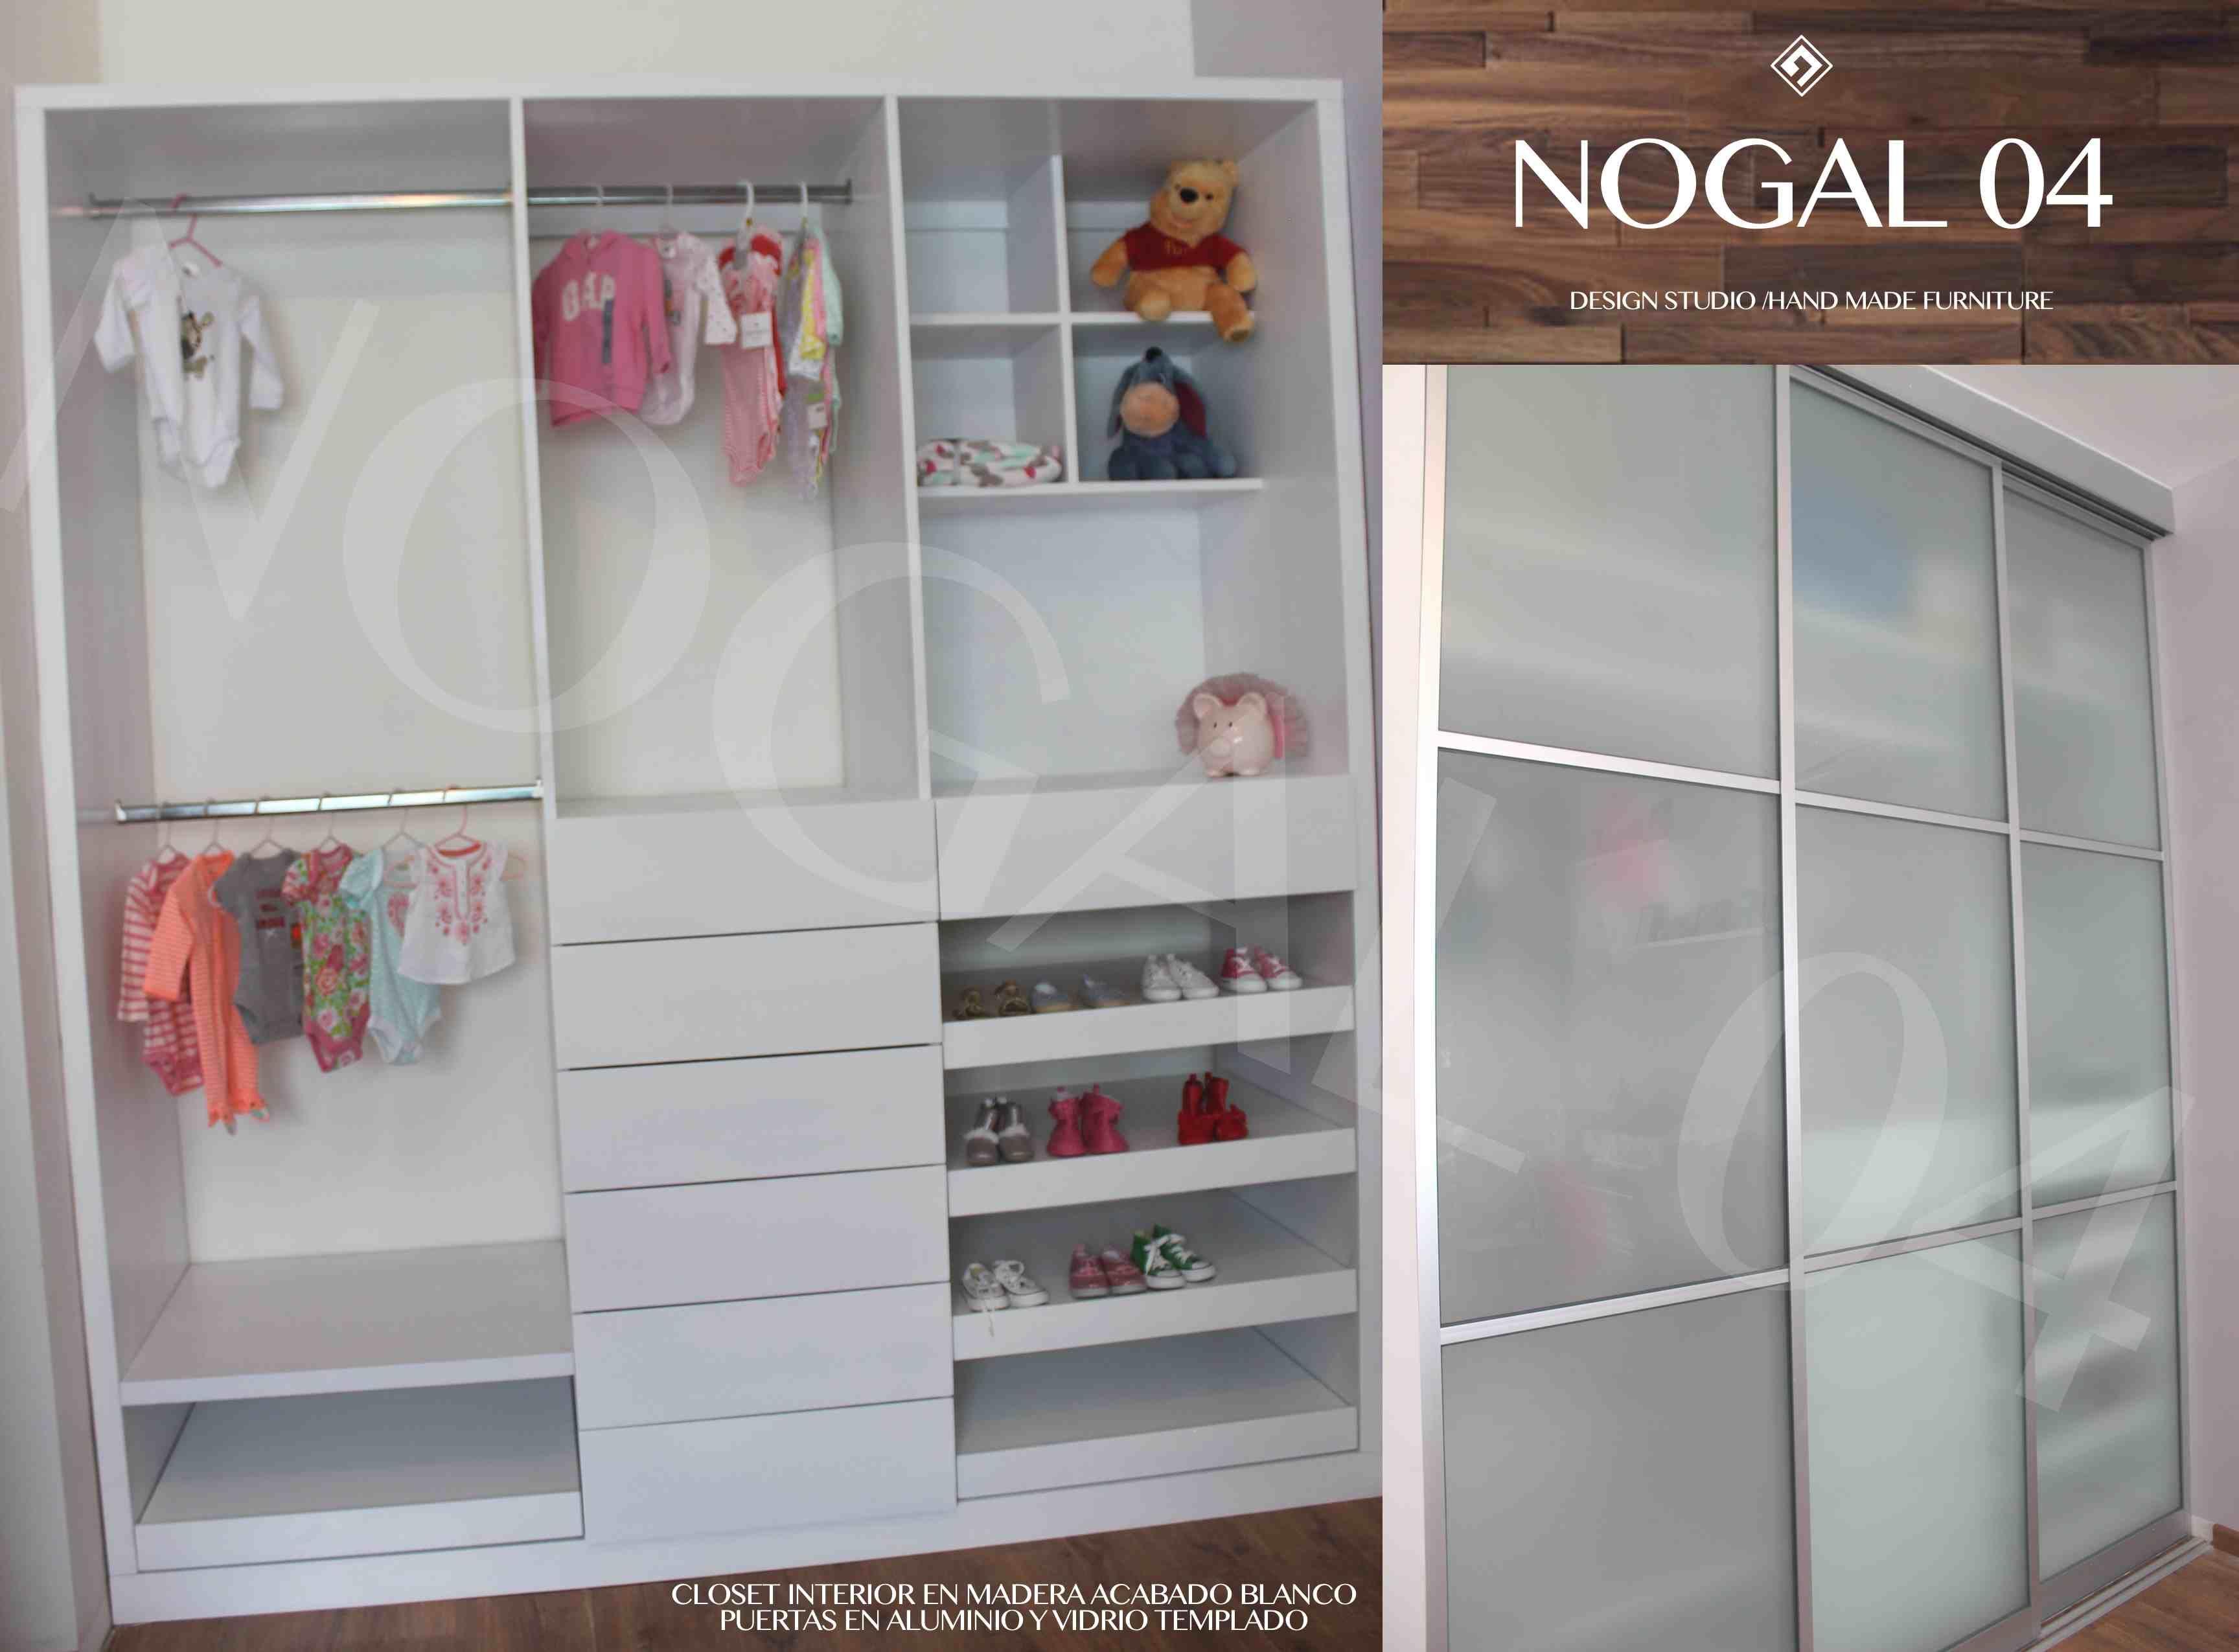 Closet con interior en madera acabado blanco y puertas - Pueras de madera ...